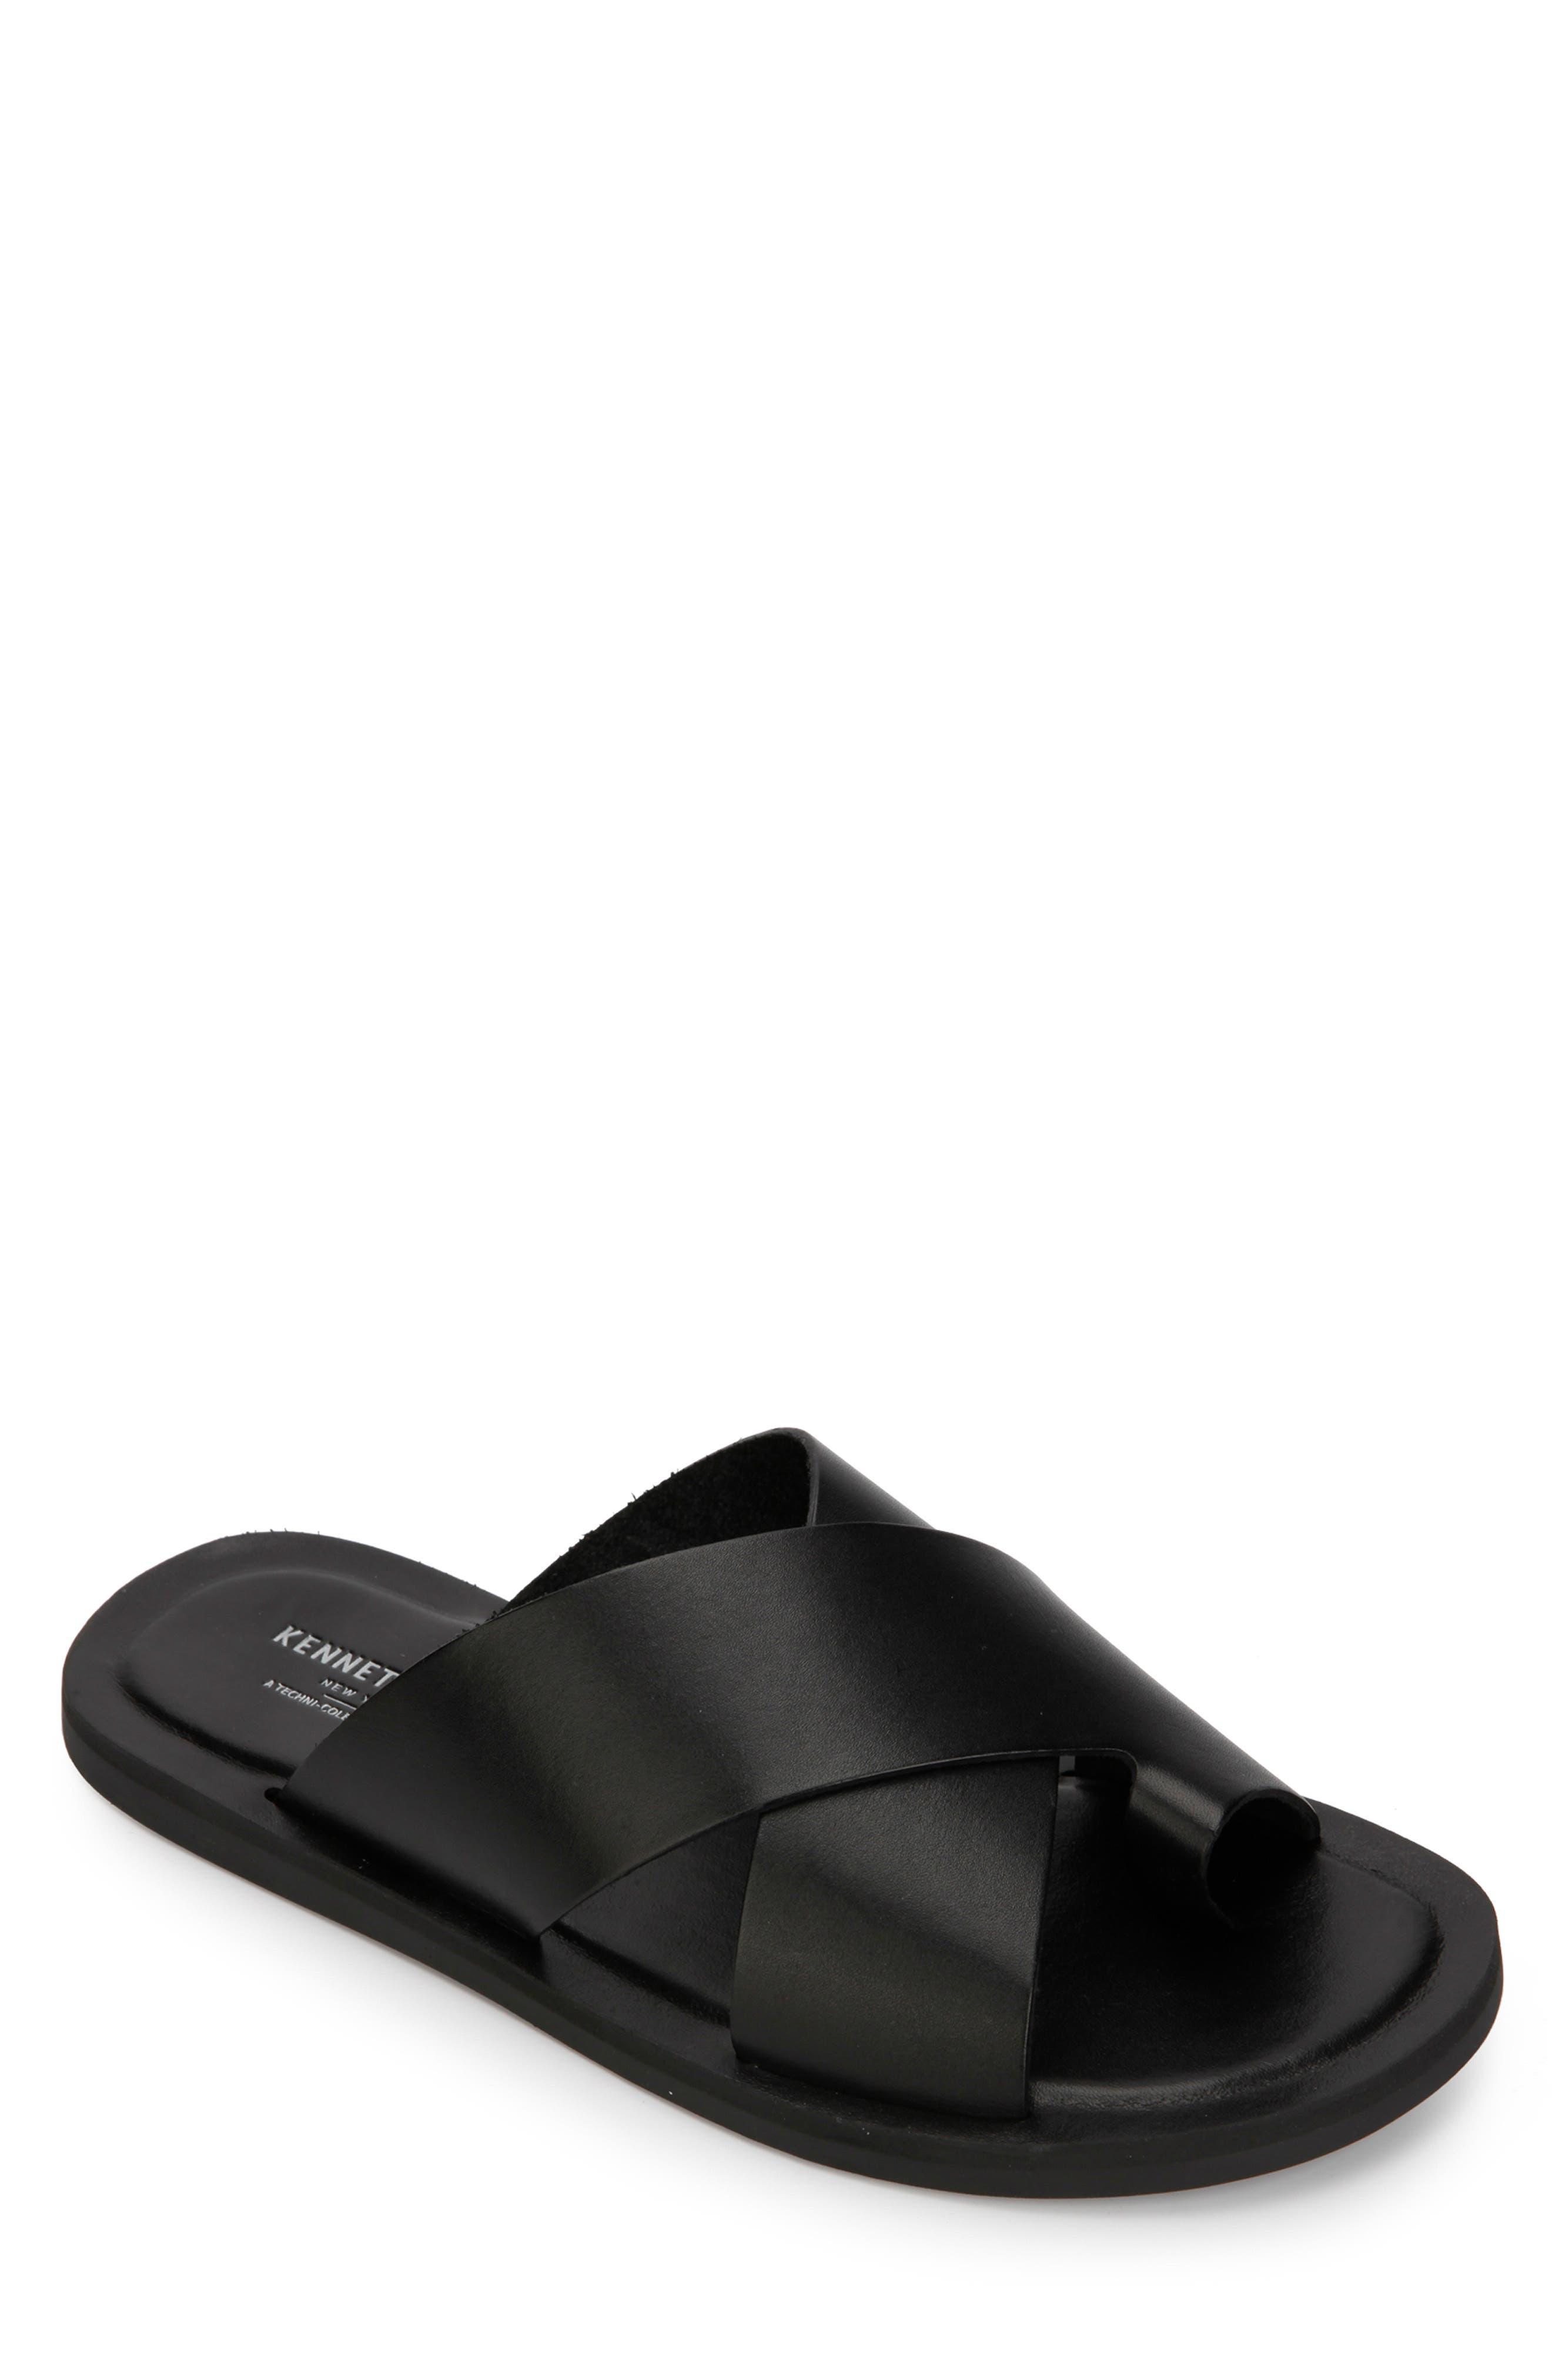 KENNETH COLE NEW YORK Ideal Slide Sandal, Main, color, BLACK LEATHER